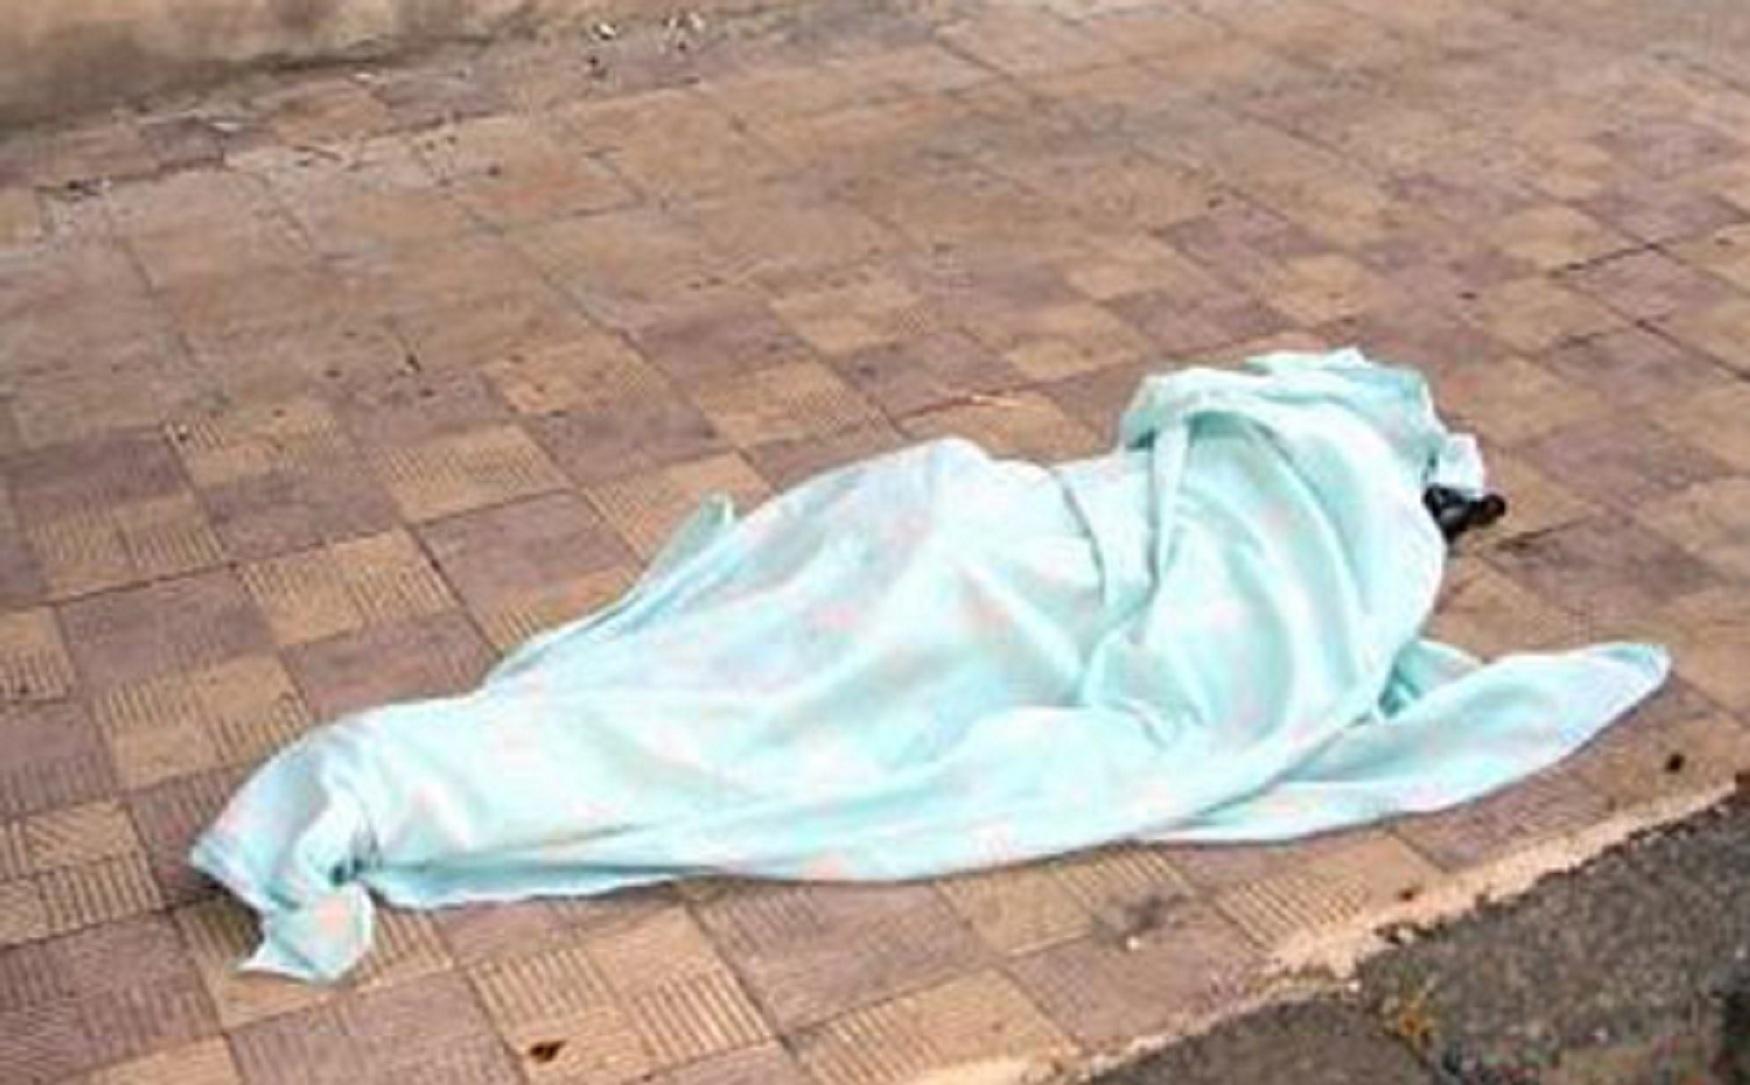 صورة استخراج جثة بعد 73 يومًا من الدفن